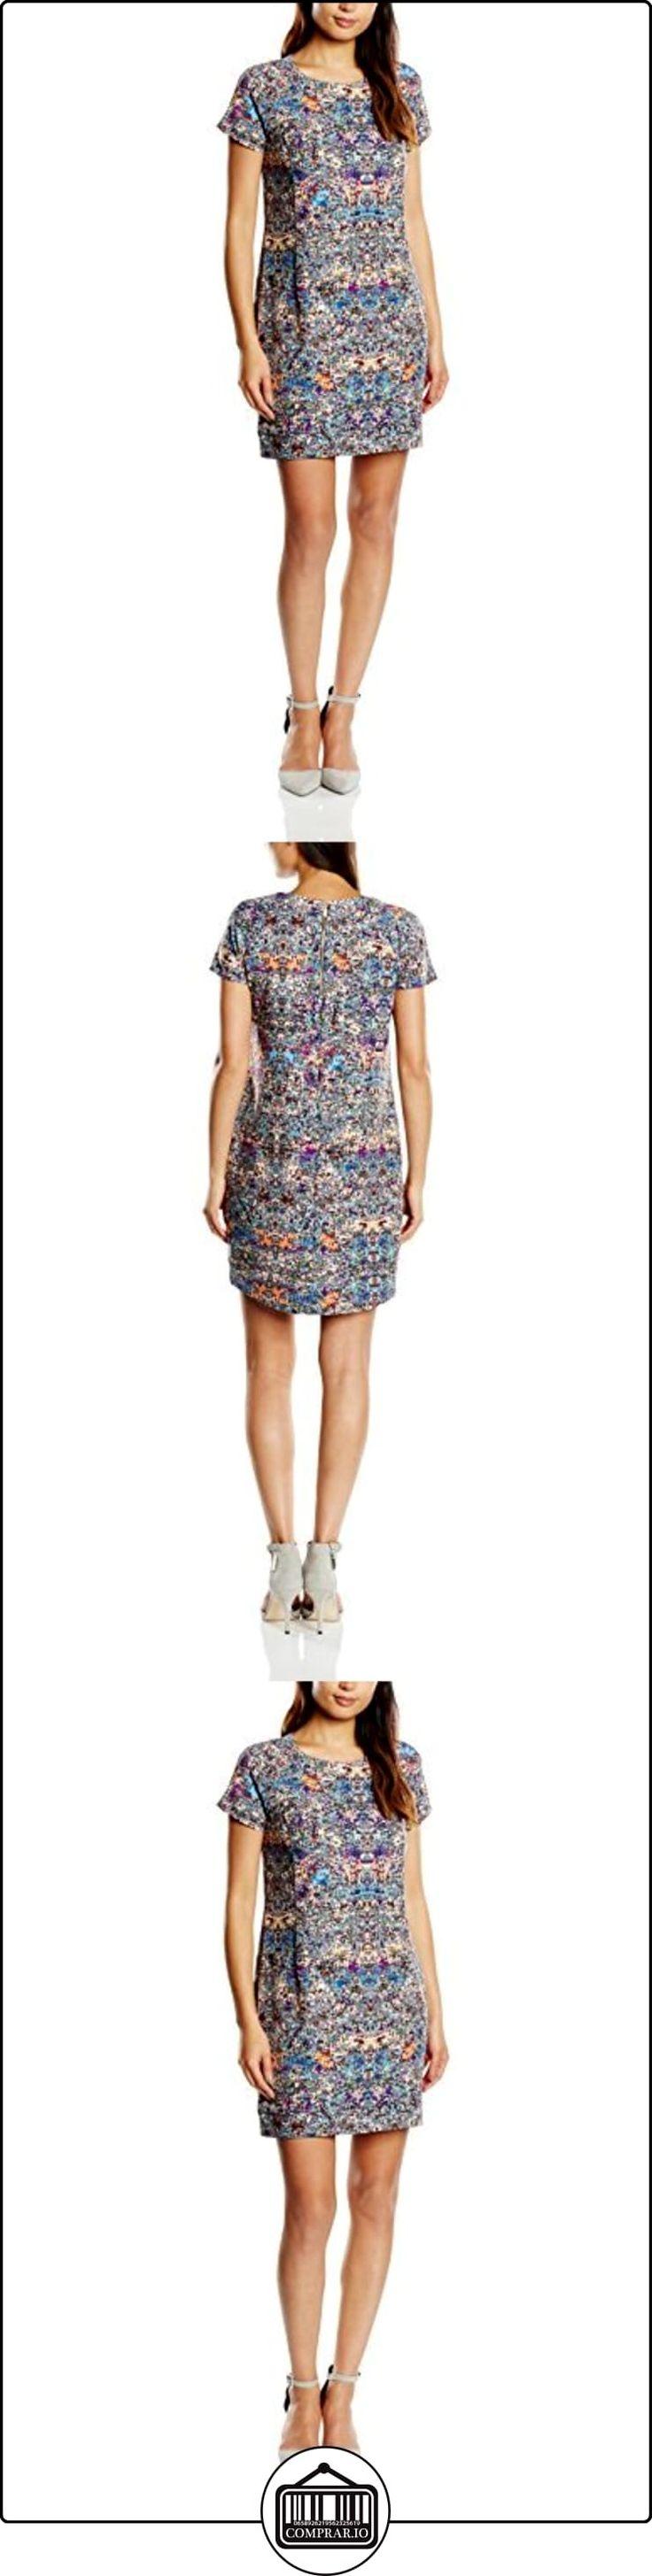 Trucco, VST. CLEIN - Vestido para mujer, color multicolor, talla M  ✿ Vestidos ✿